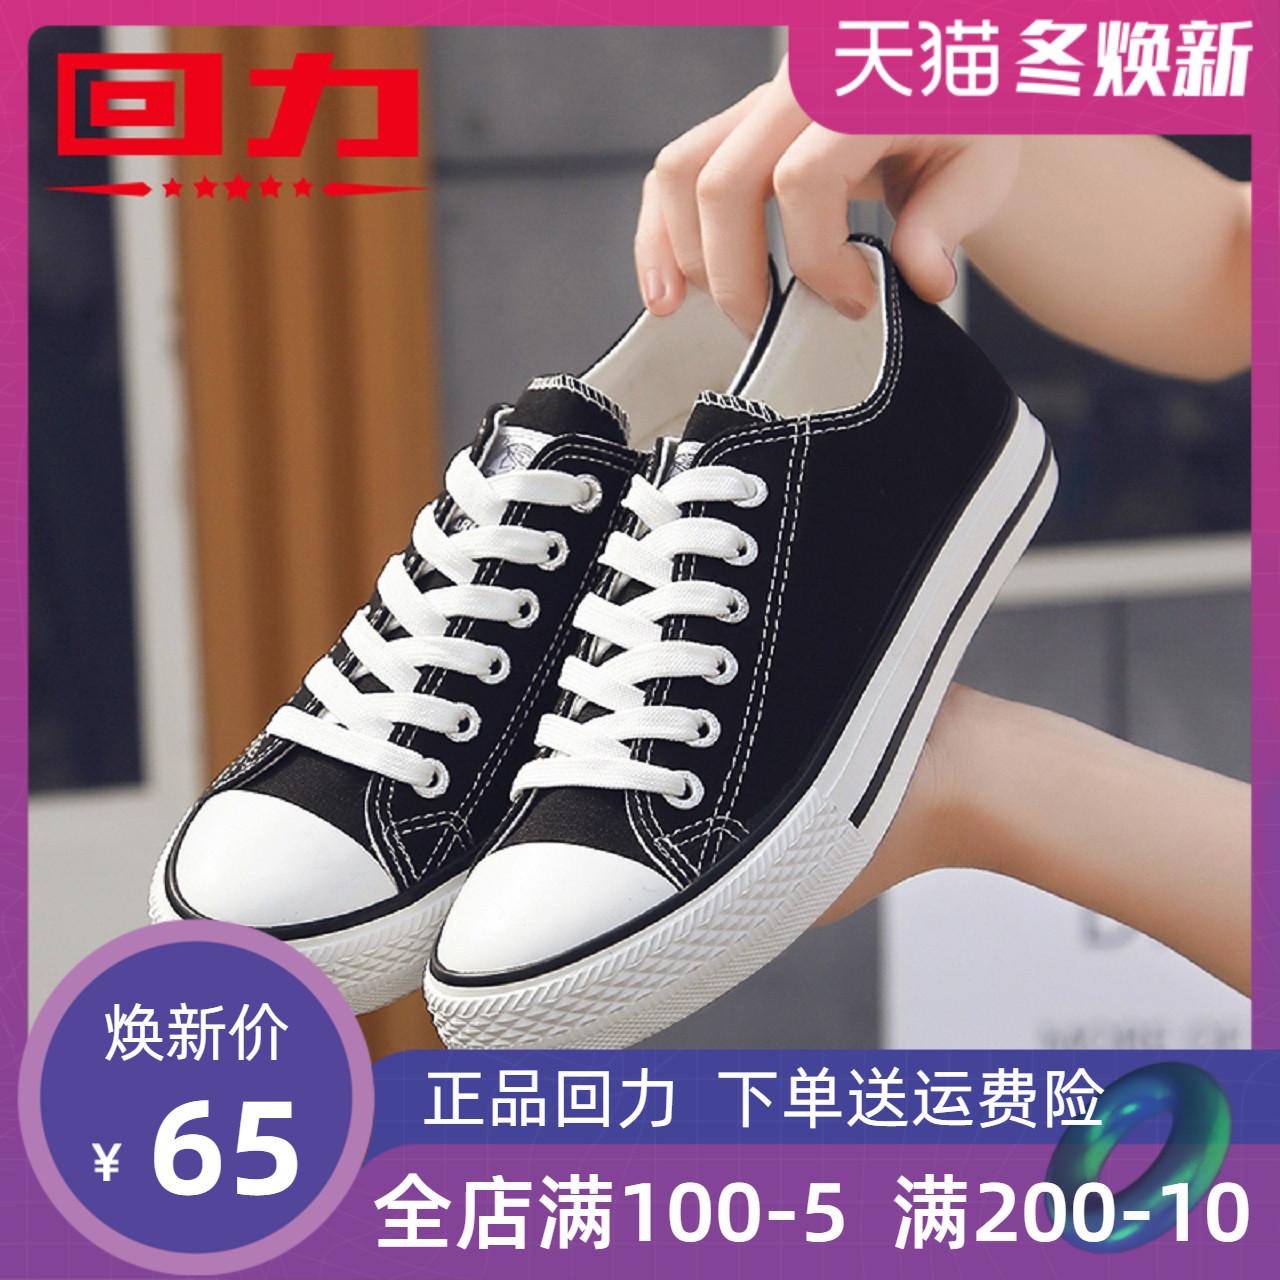 回力帆布鞋女秋季单鞋低帮经典款回力女鞋黑白色情侣鞋学生鞋板鞋